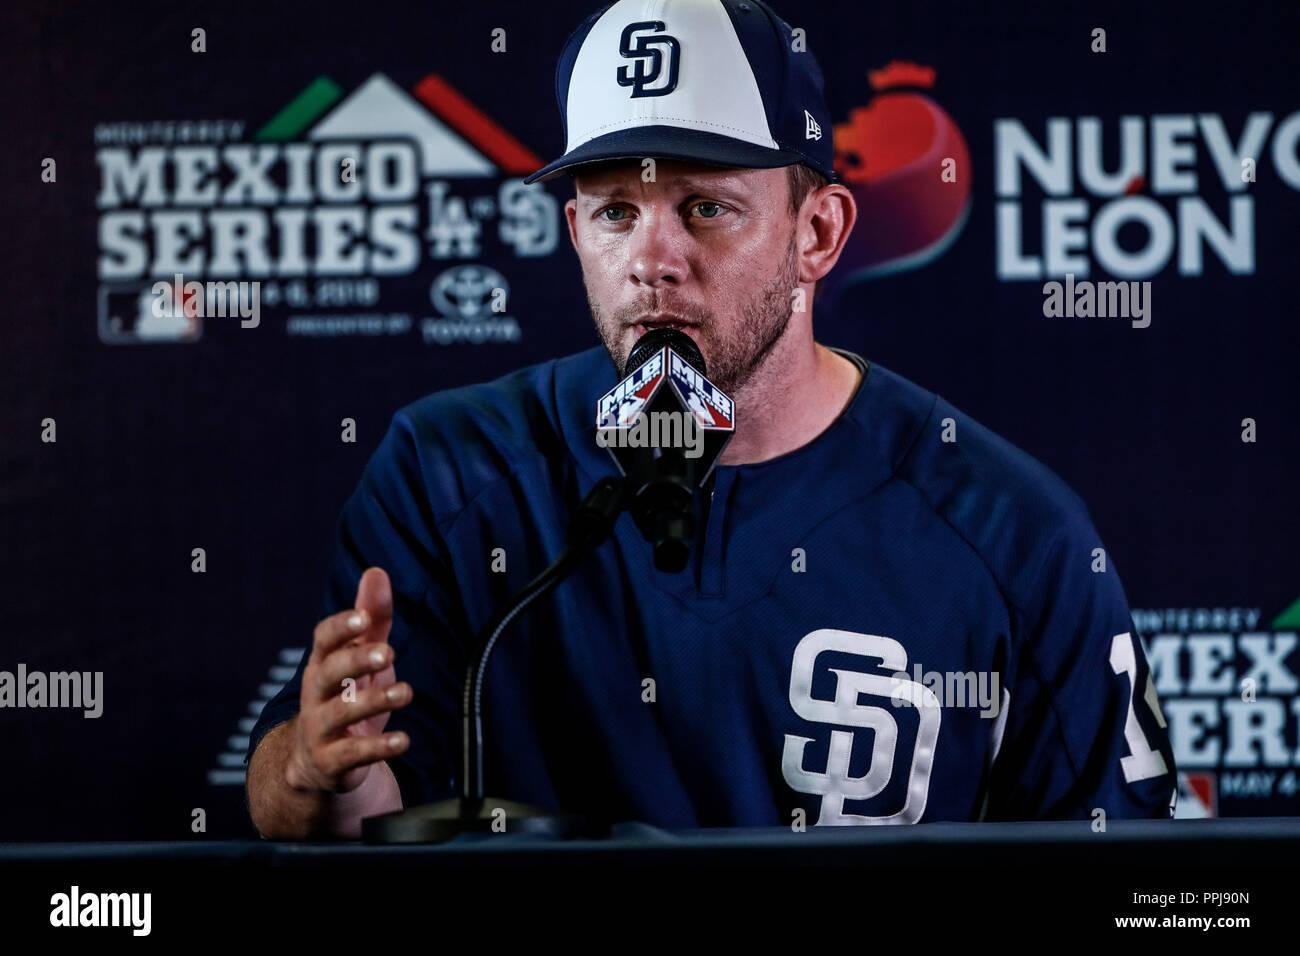 Andy Green, manager de los Padres de San Diego en rueda de prensa, previo al partido de los Dodgers de Los Angeles contra Padres de San Diego, durante - Stock Image